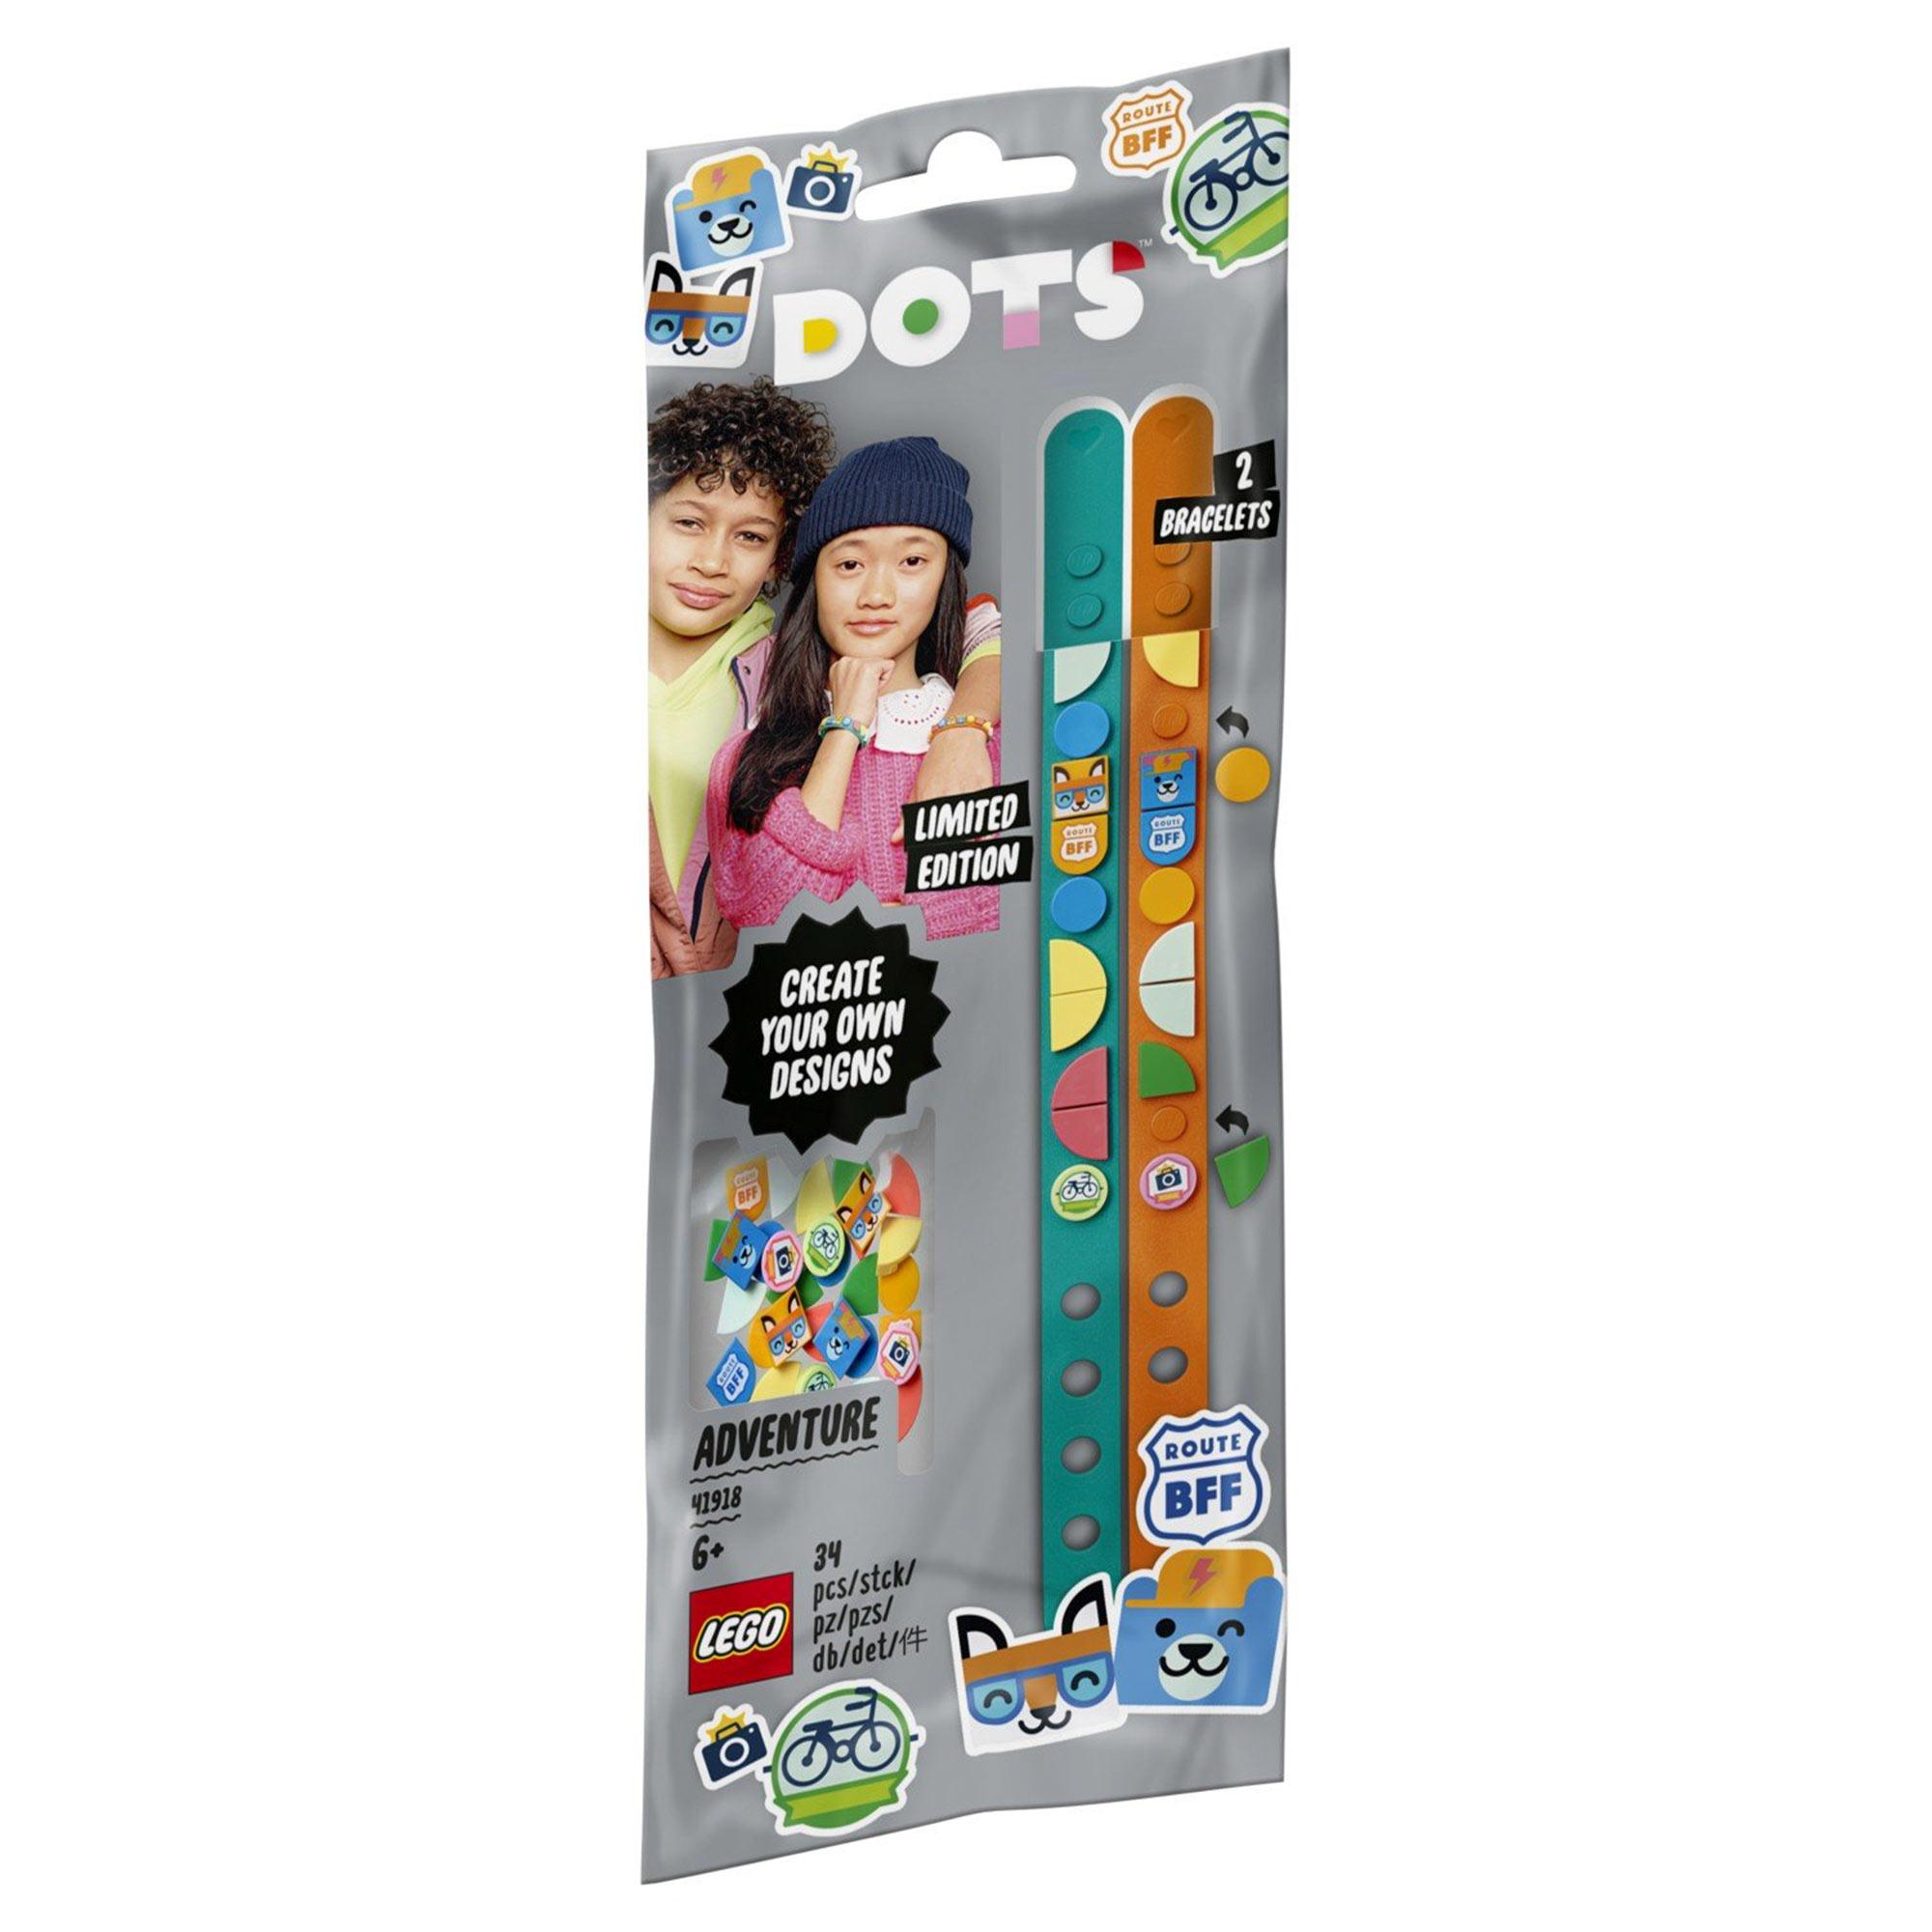 Браслет-конструктор Lego Dots Приключения 41918 конструктор lego dots 41919 браслет молния